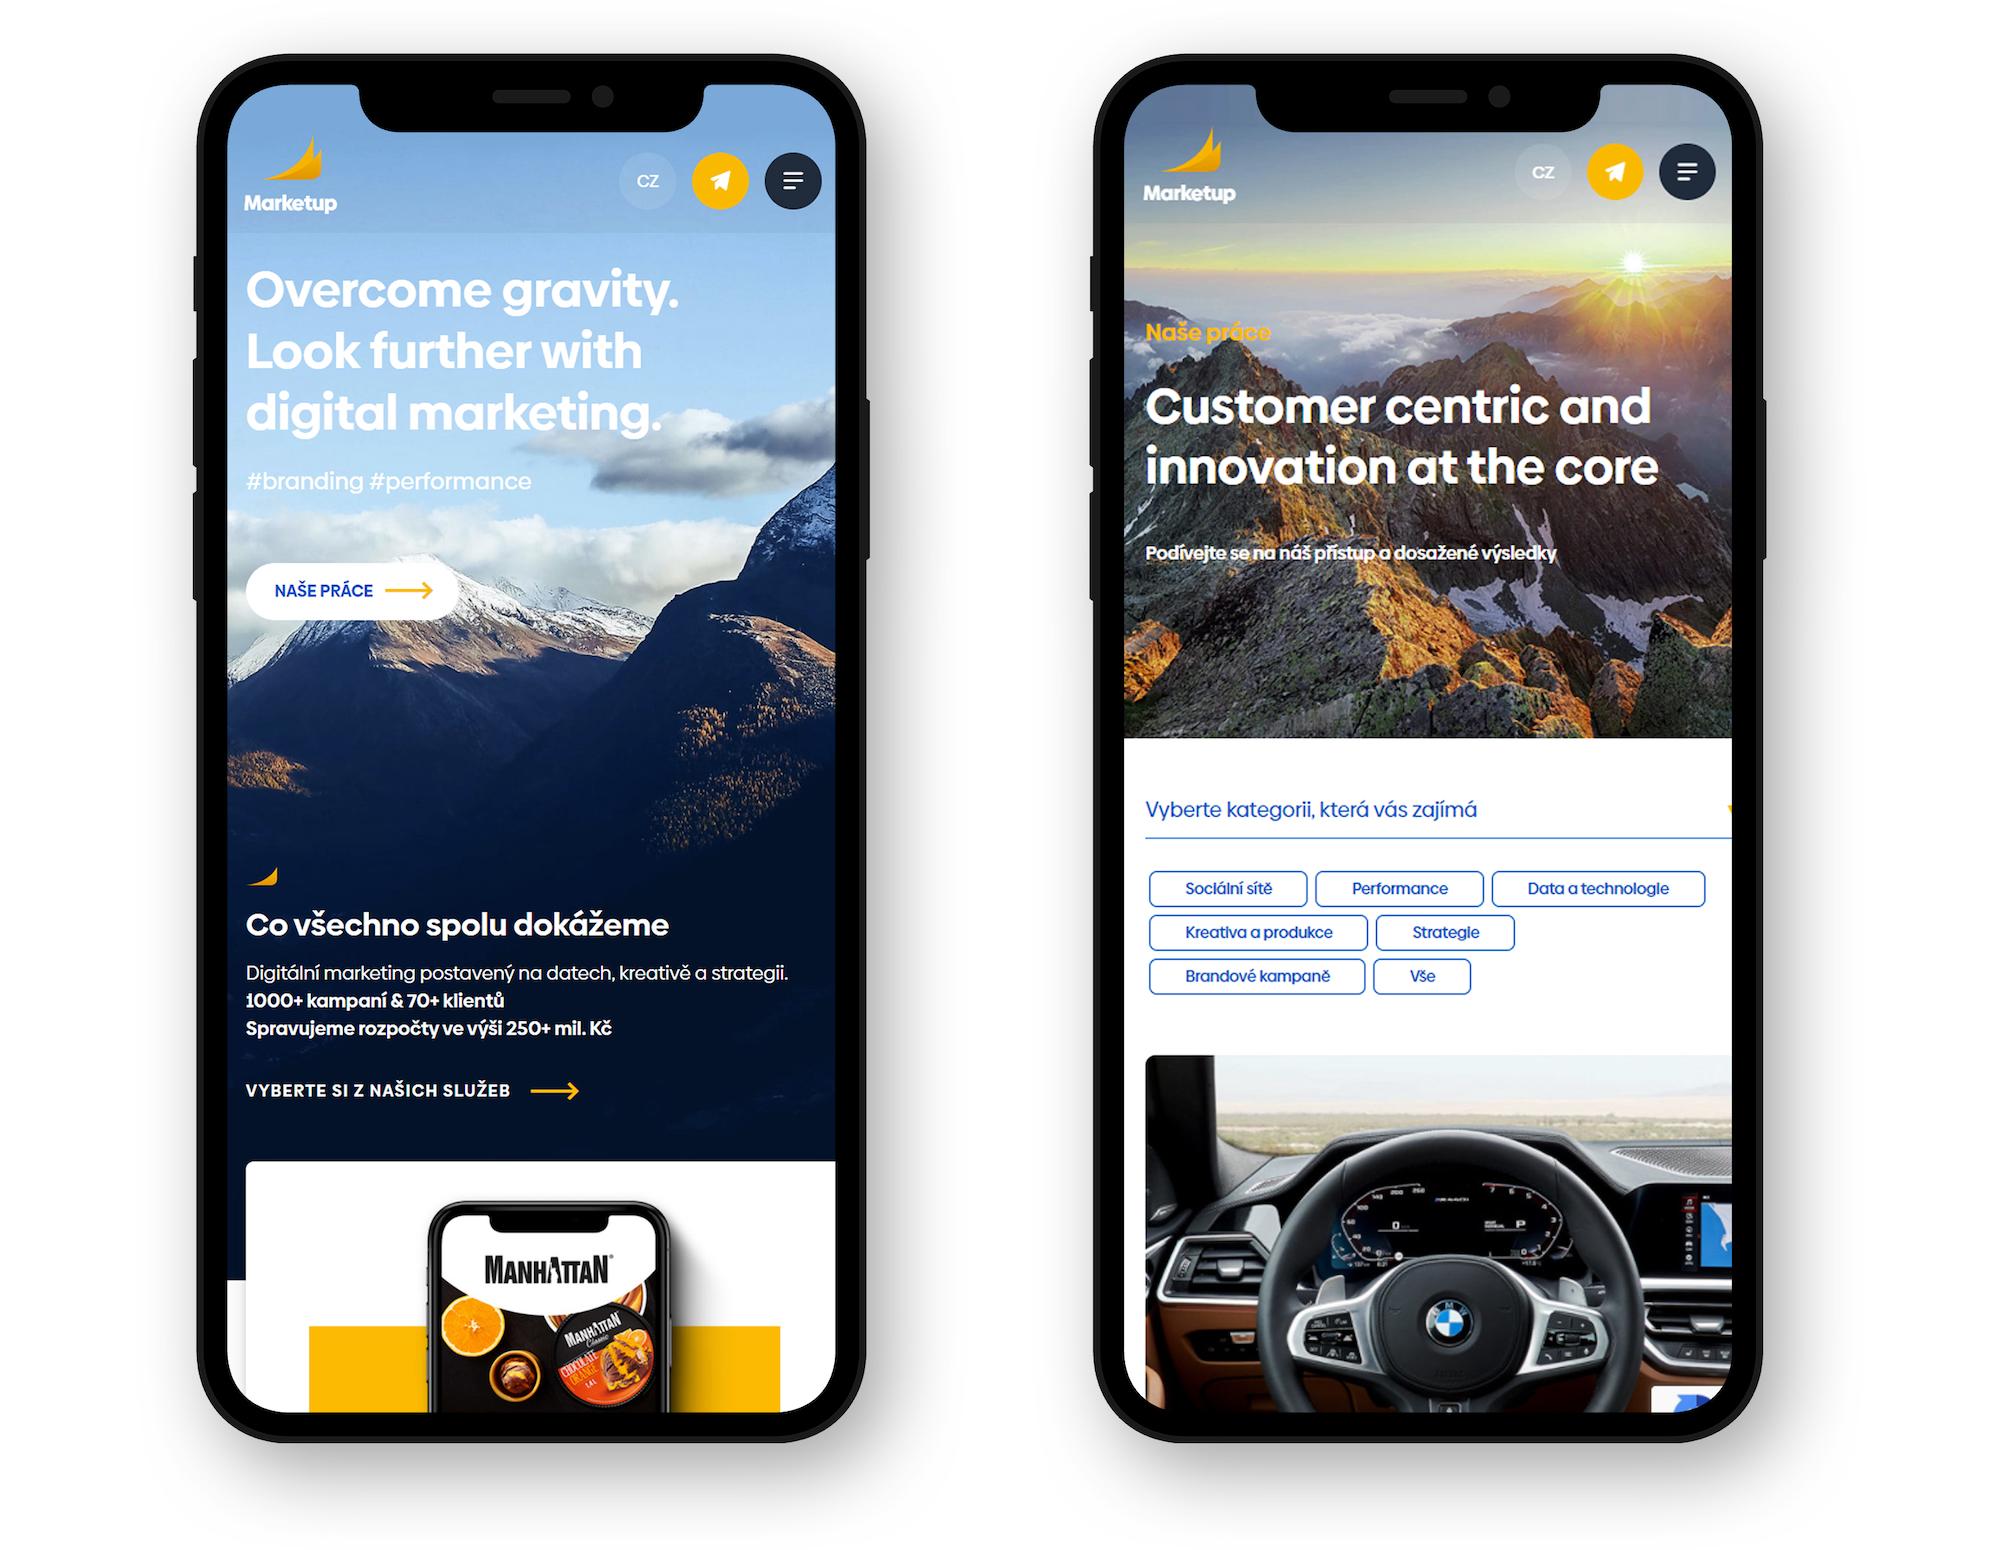 Web agentury Marketup na mobilním zařízení